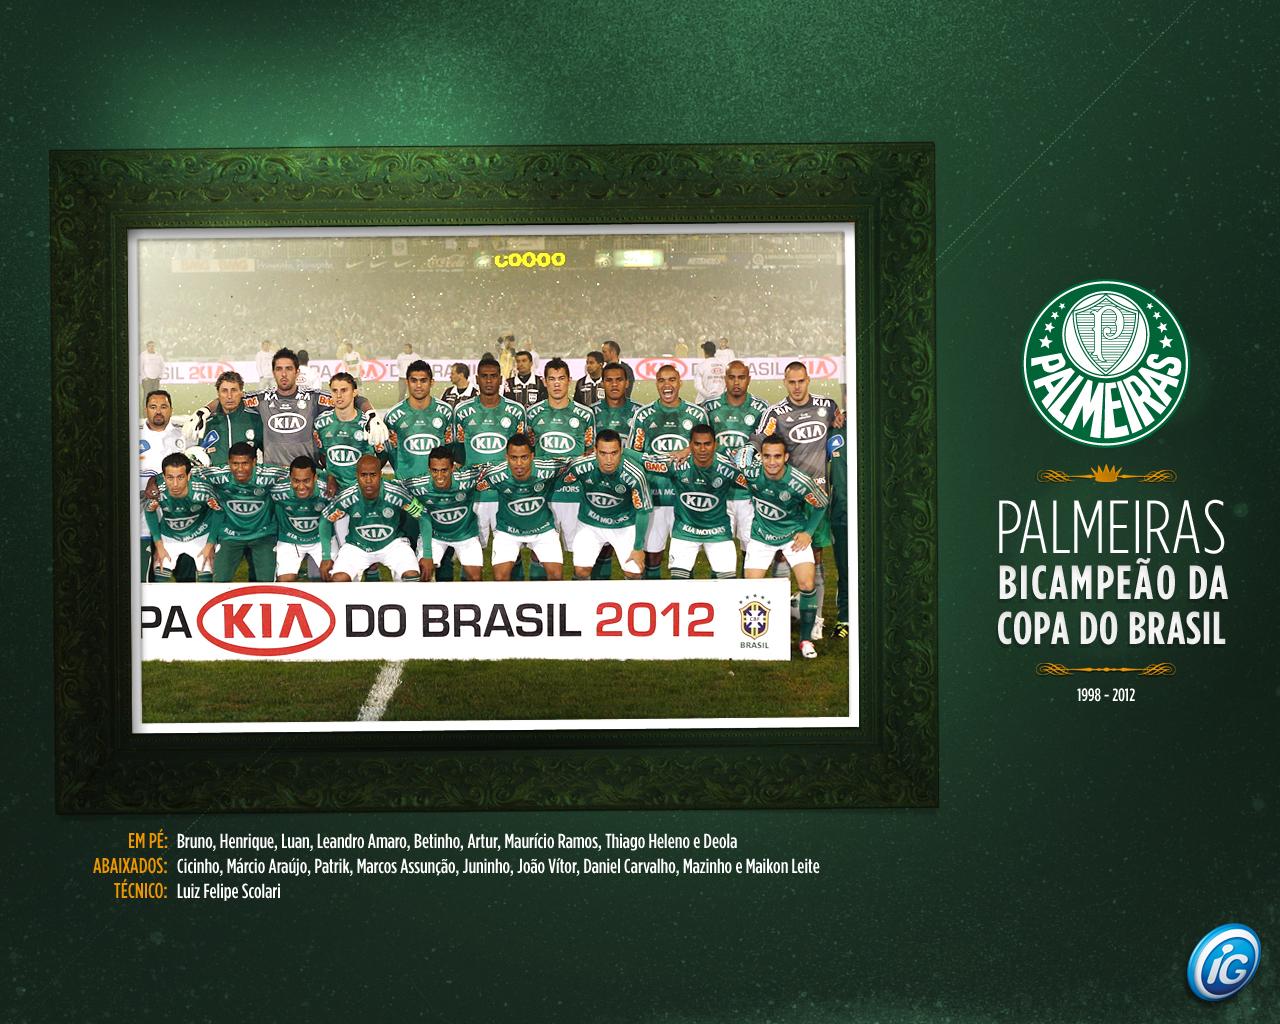 Wallpaper: Palmeiras Campeão da Copa do Brasil 2012 - 04